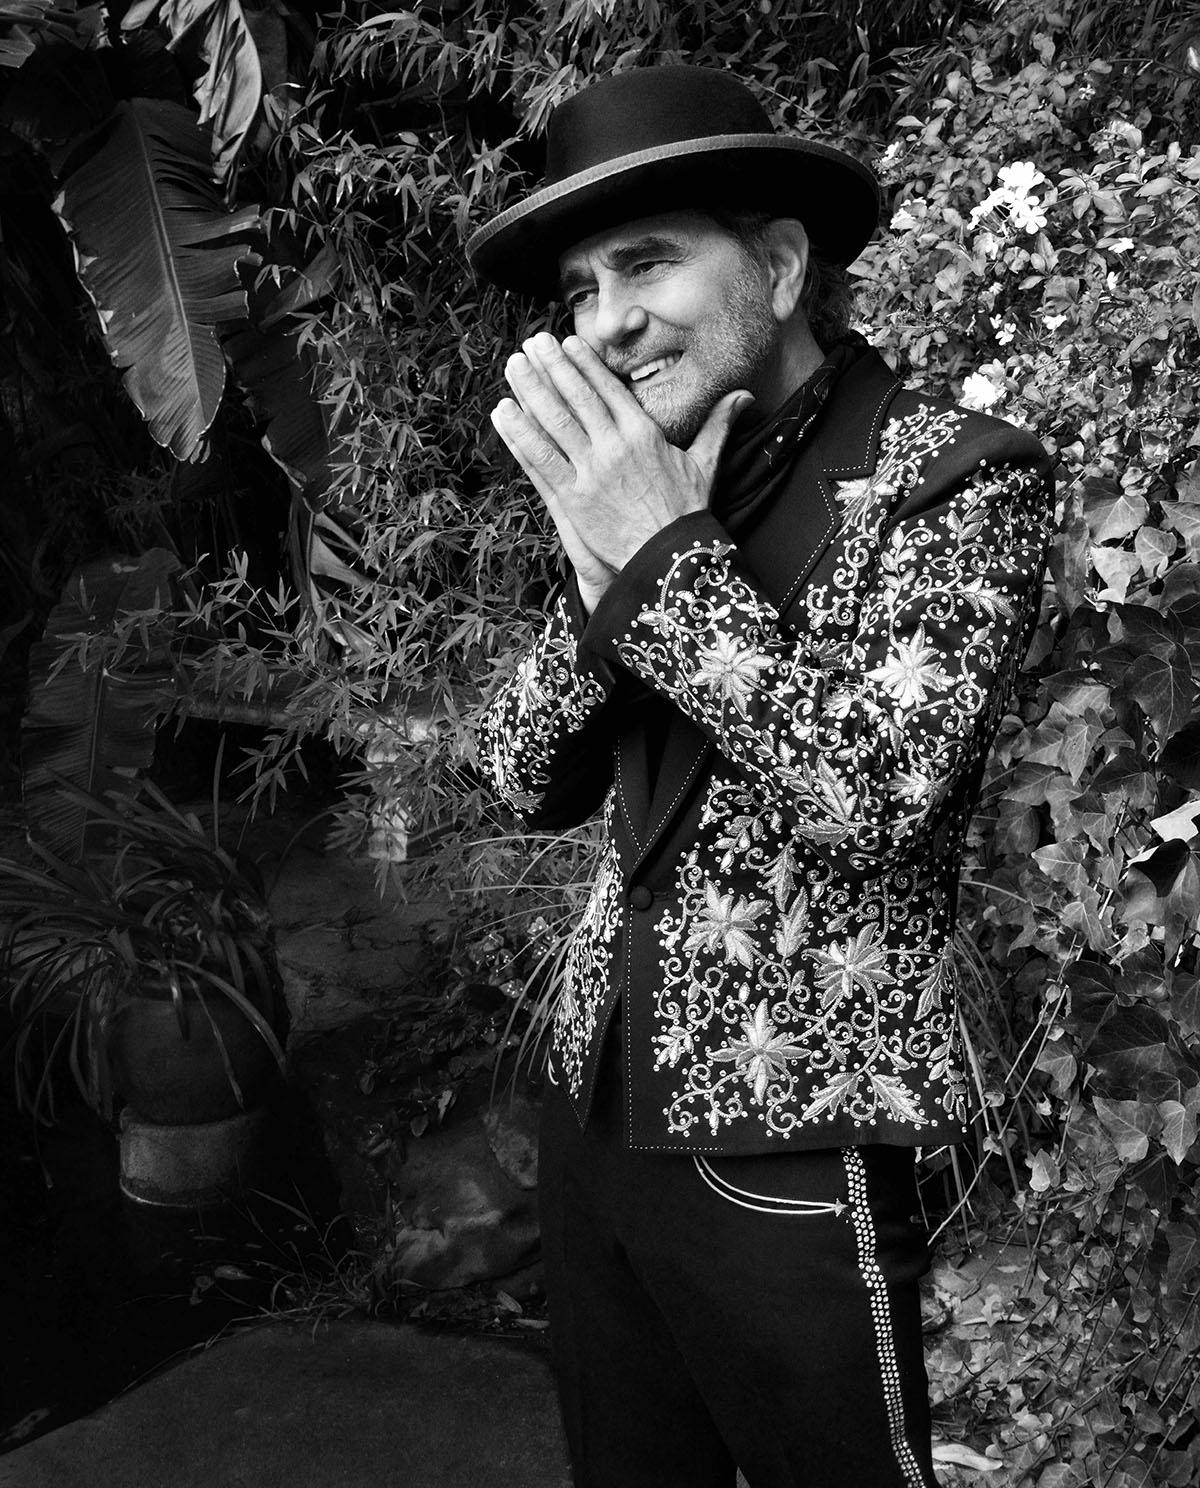 Daniel Lanois 2020 - Photo by Floria Sigismondi